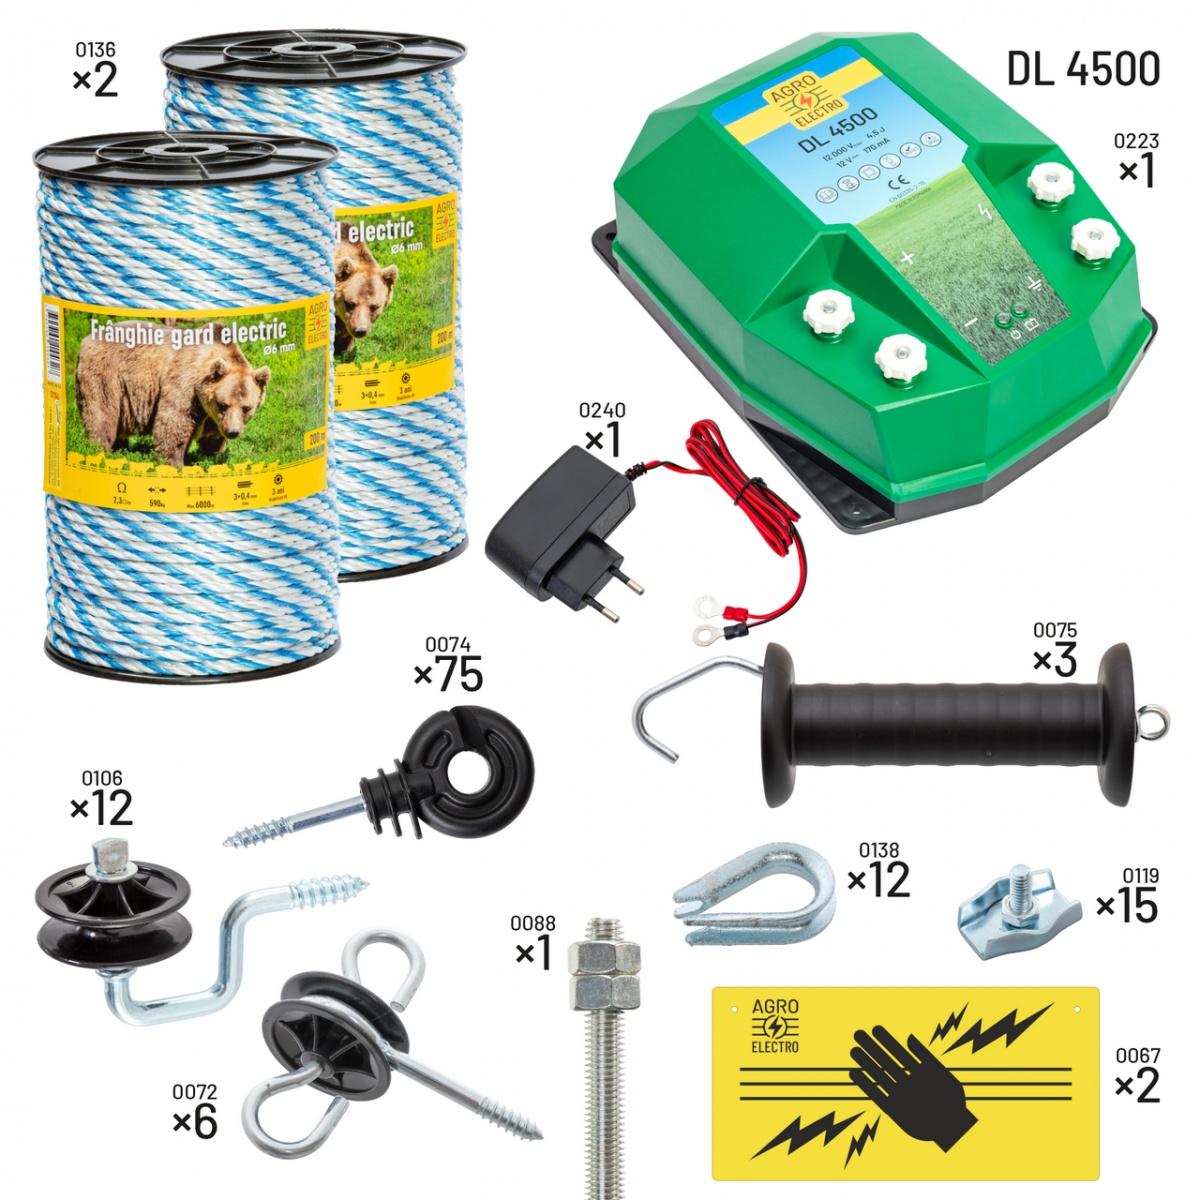 Pachet gard electric pentru apicultori. Cu DL4500, alimentare de la 230V